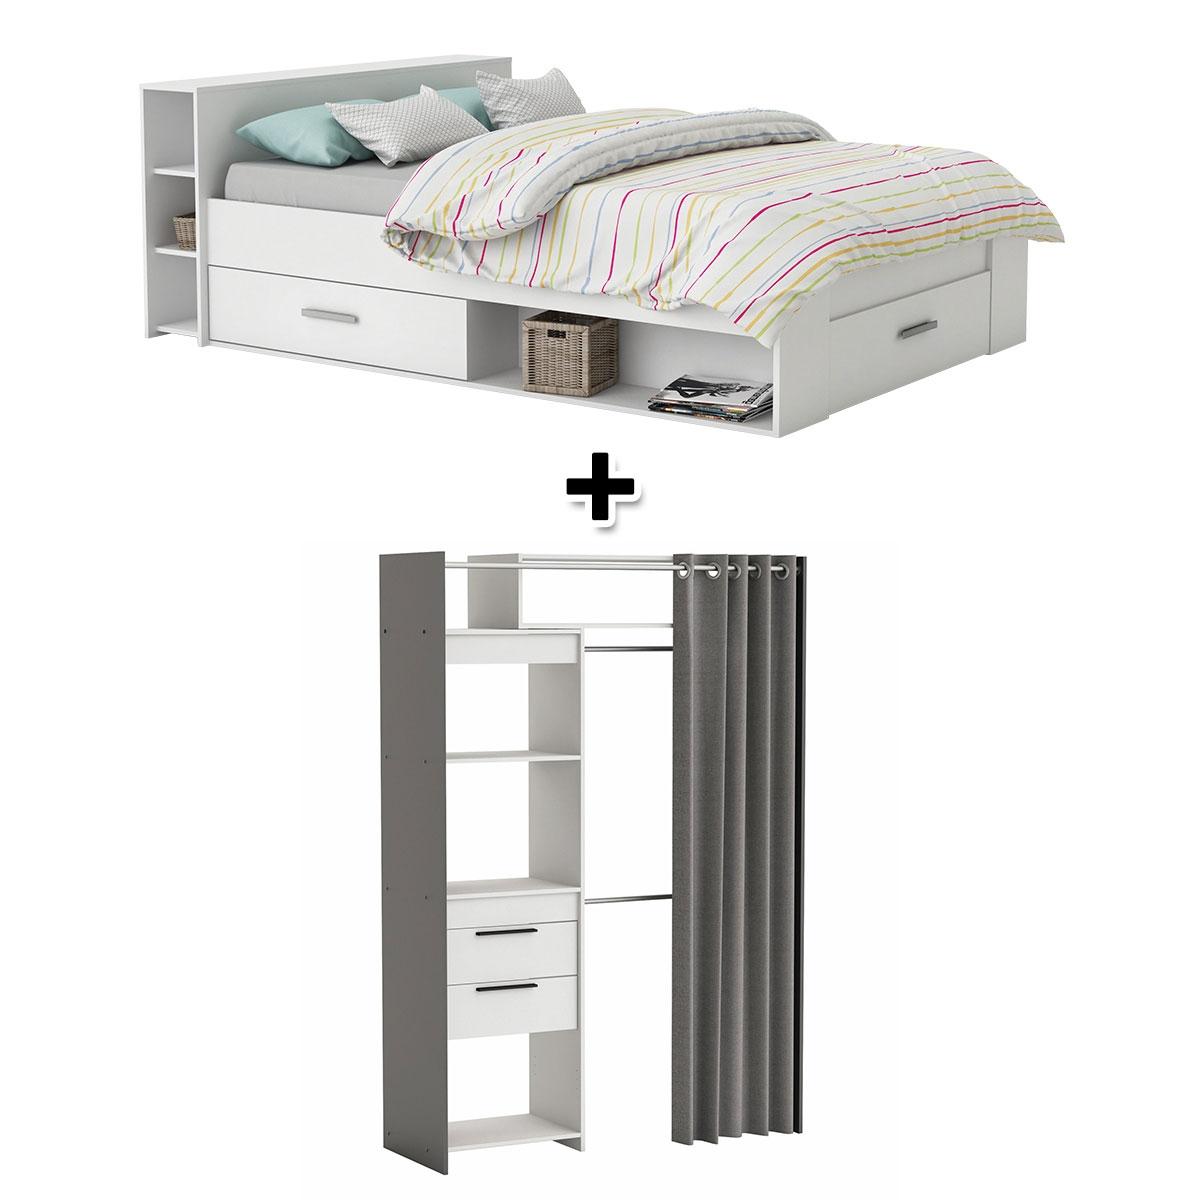 - Lit 140X190 cm SMART blanc + Armoire dressing SANTIAGO gris et blanc